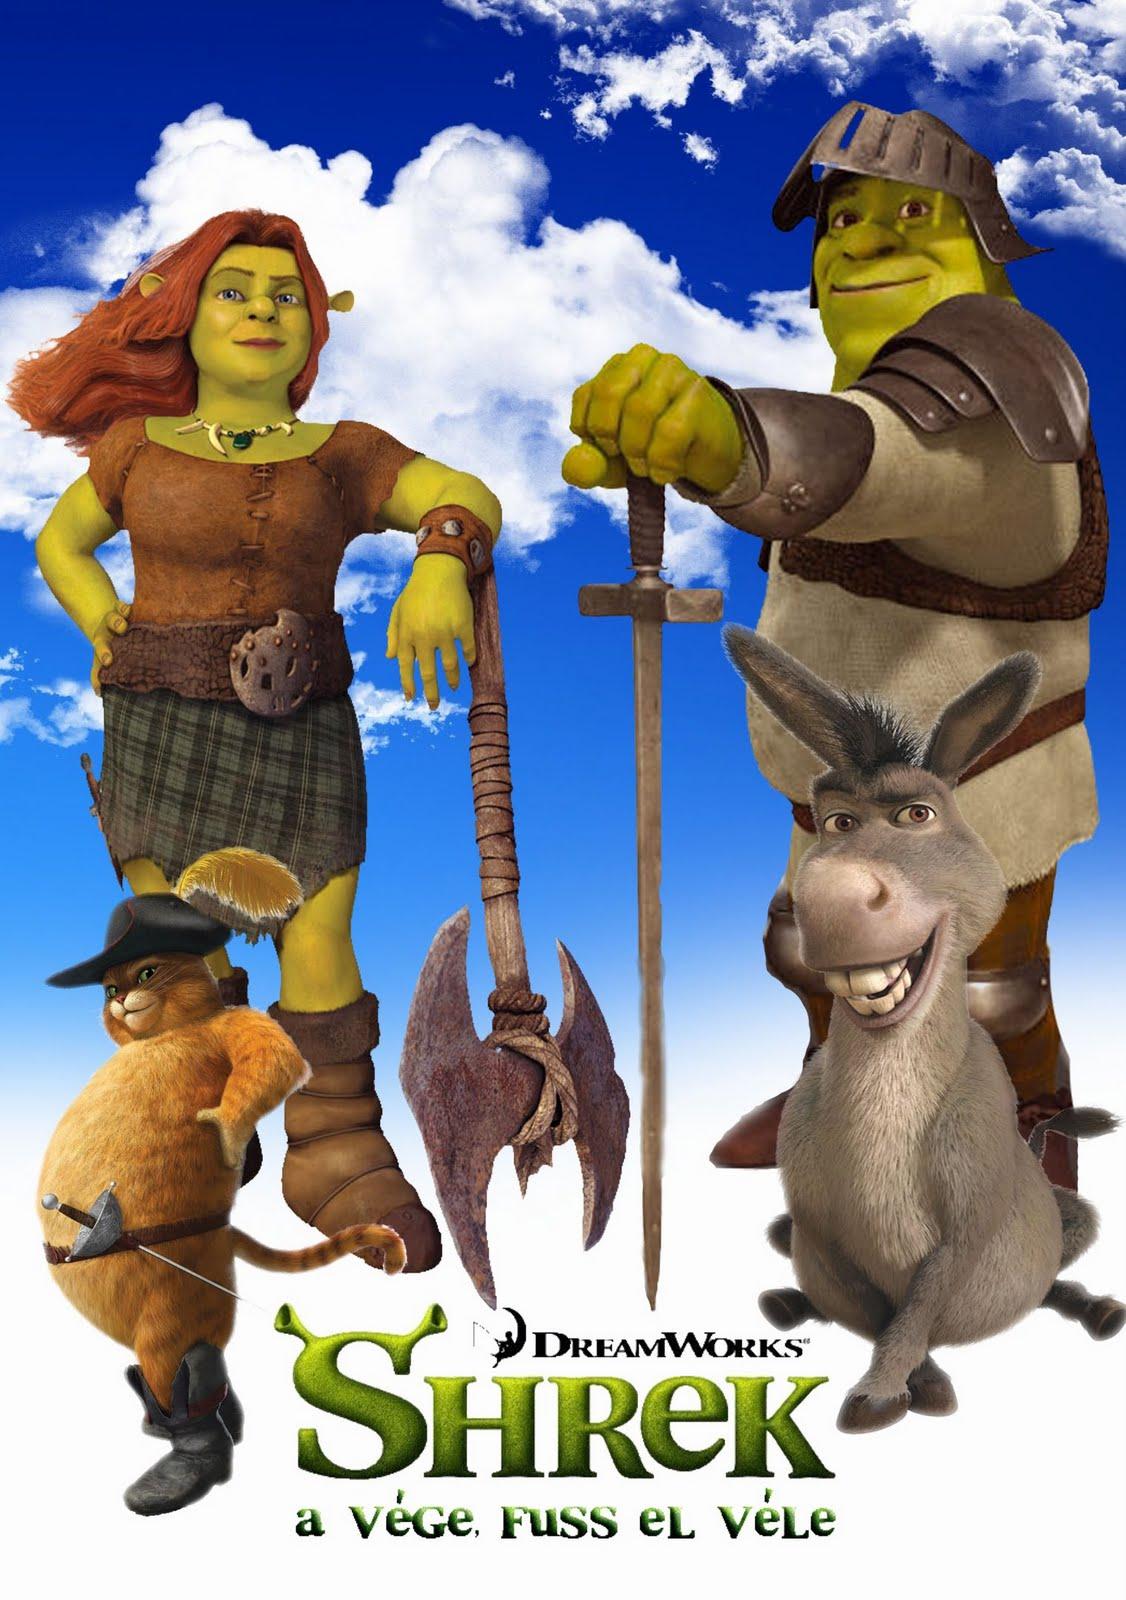 Shrek & fiona carton caertaure hentai scenes